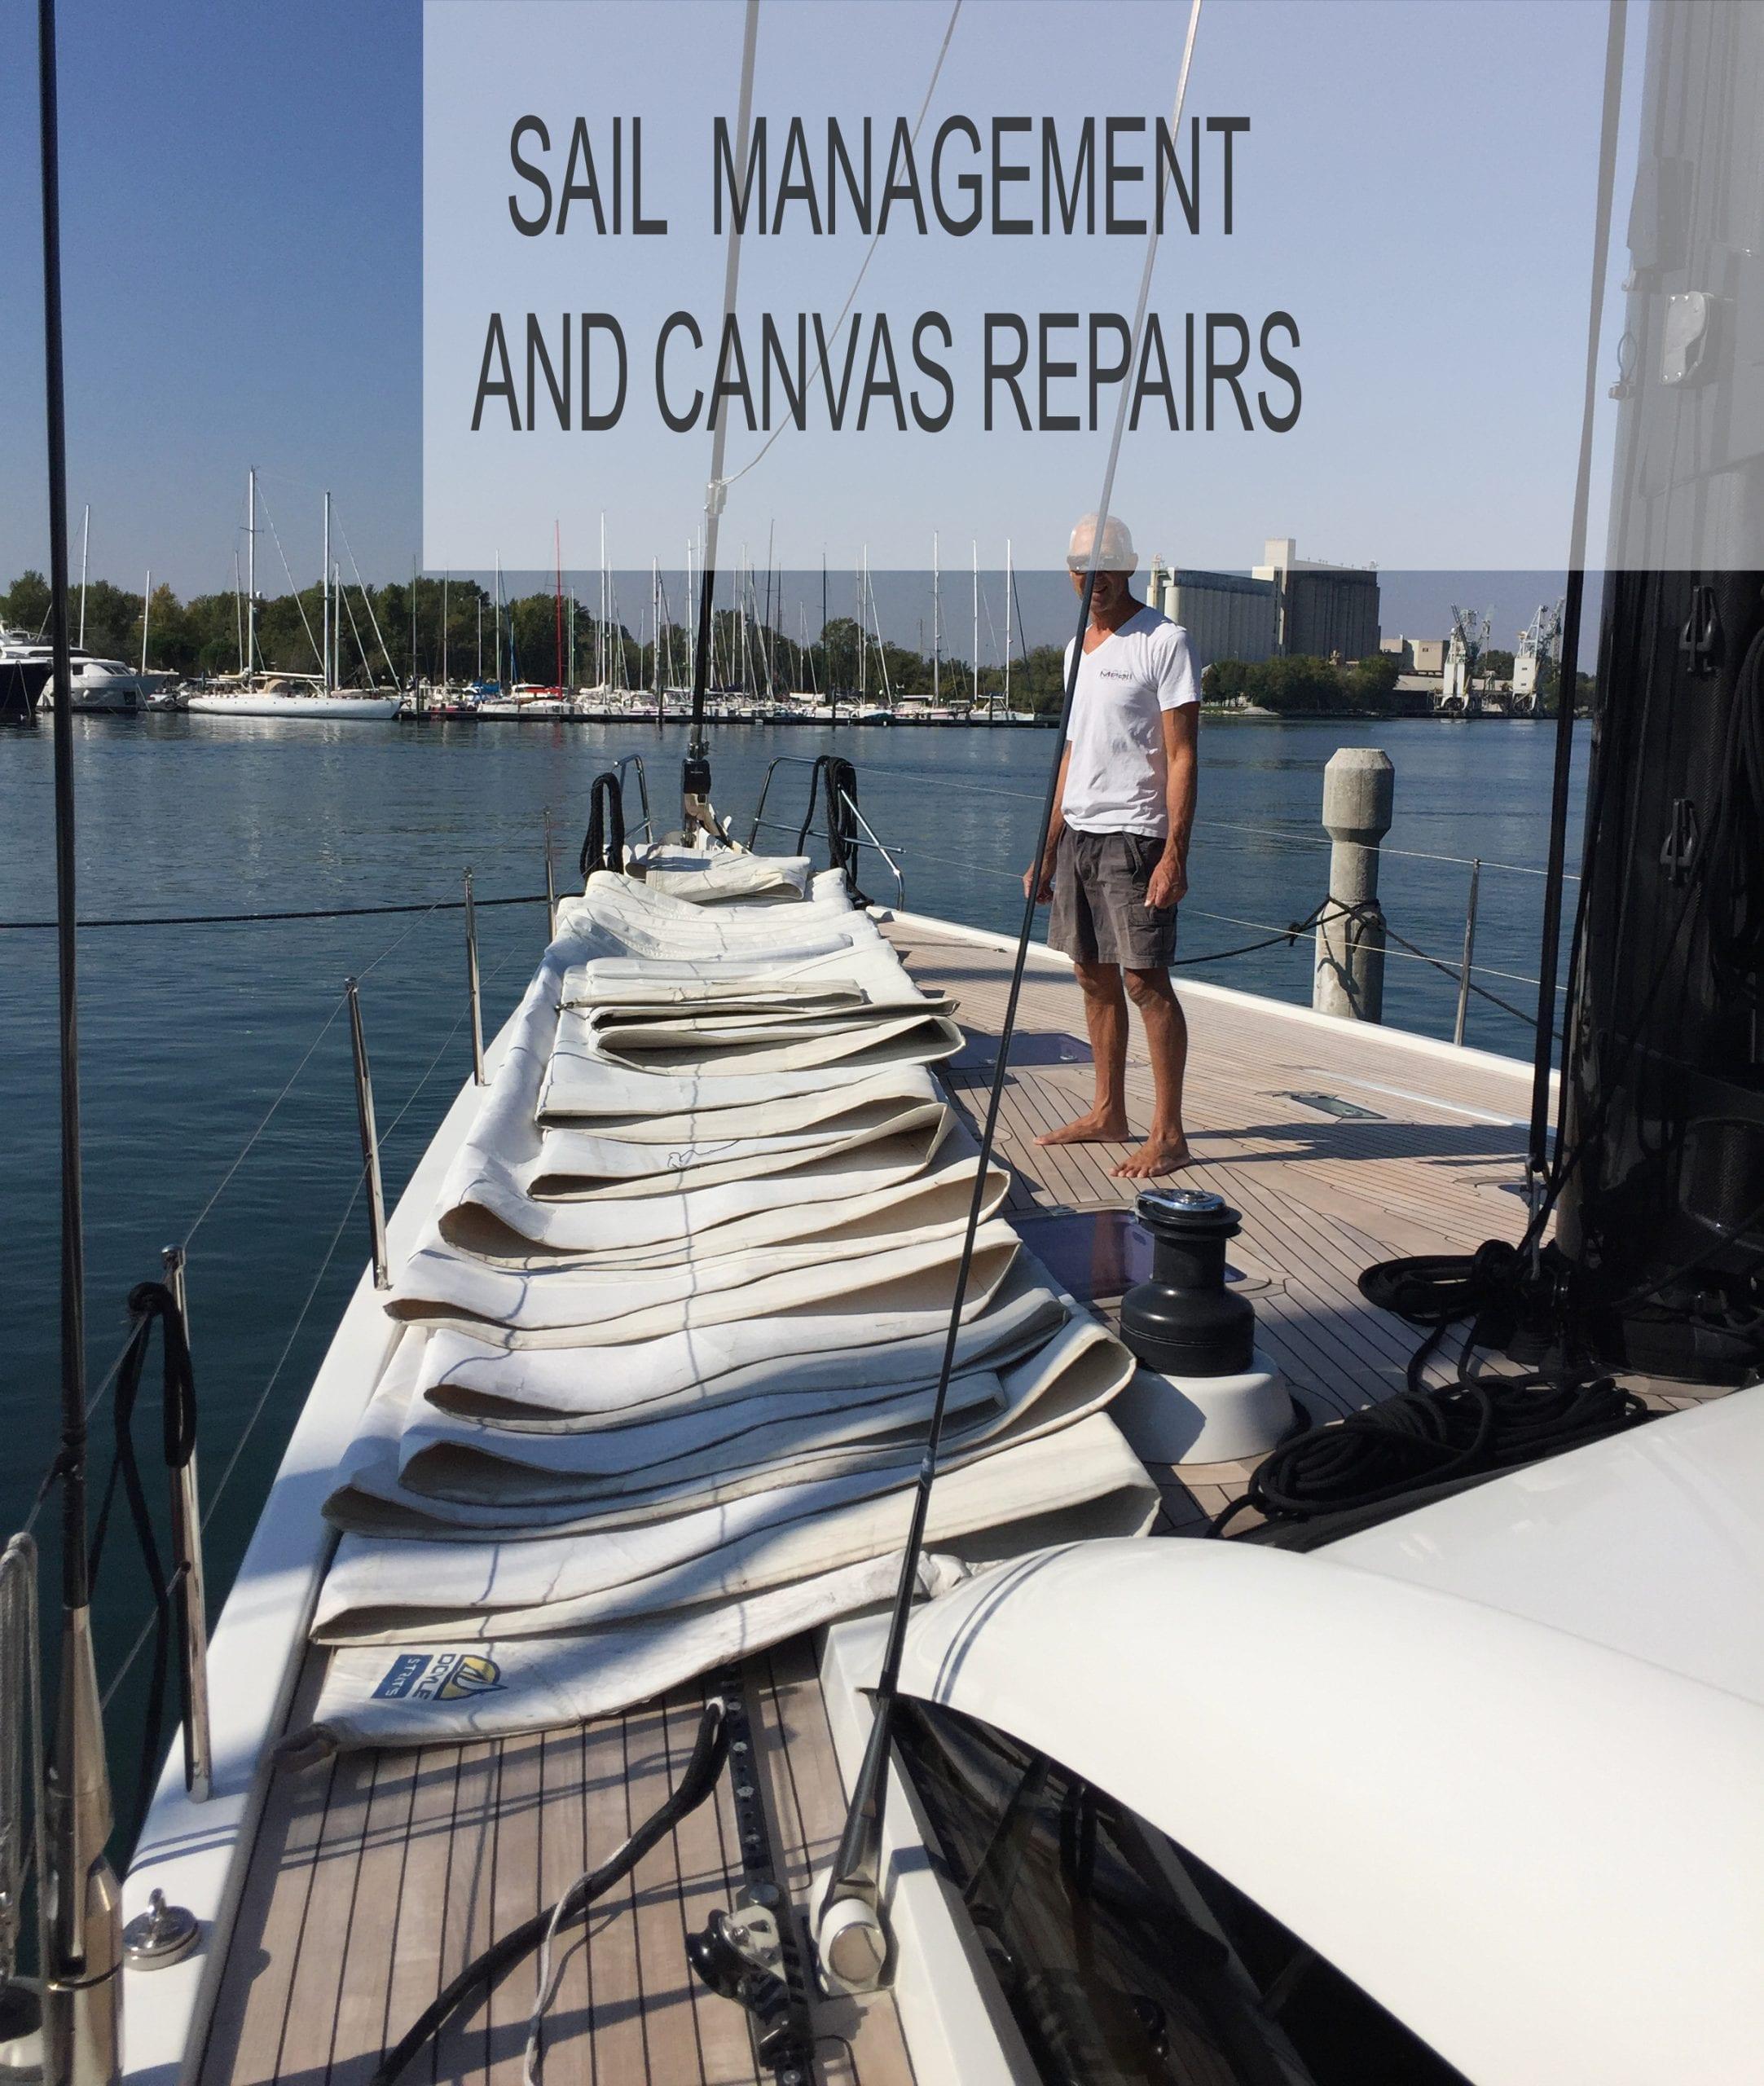 Sail management